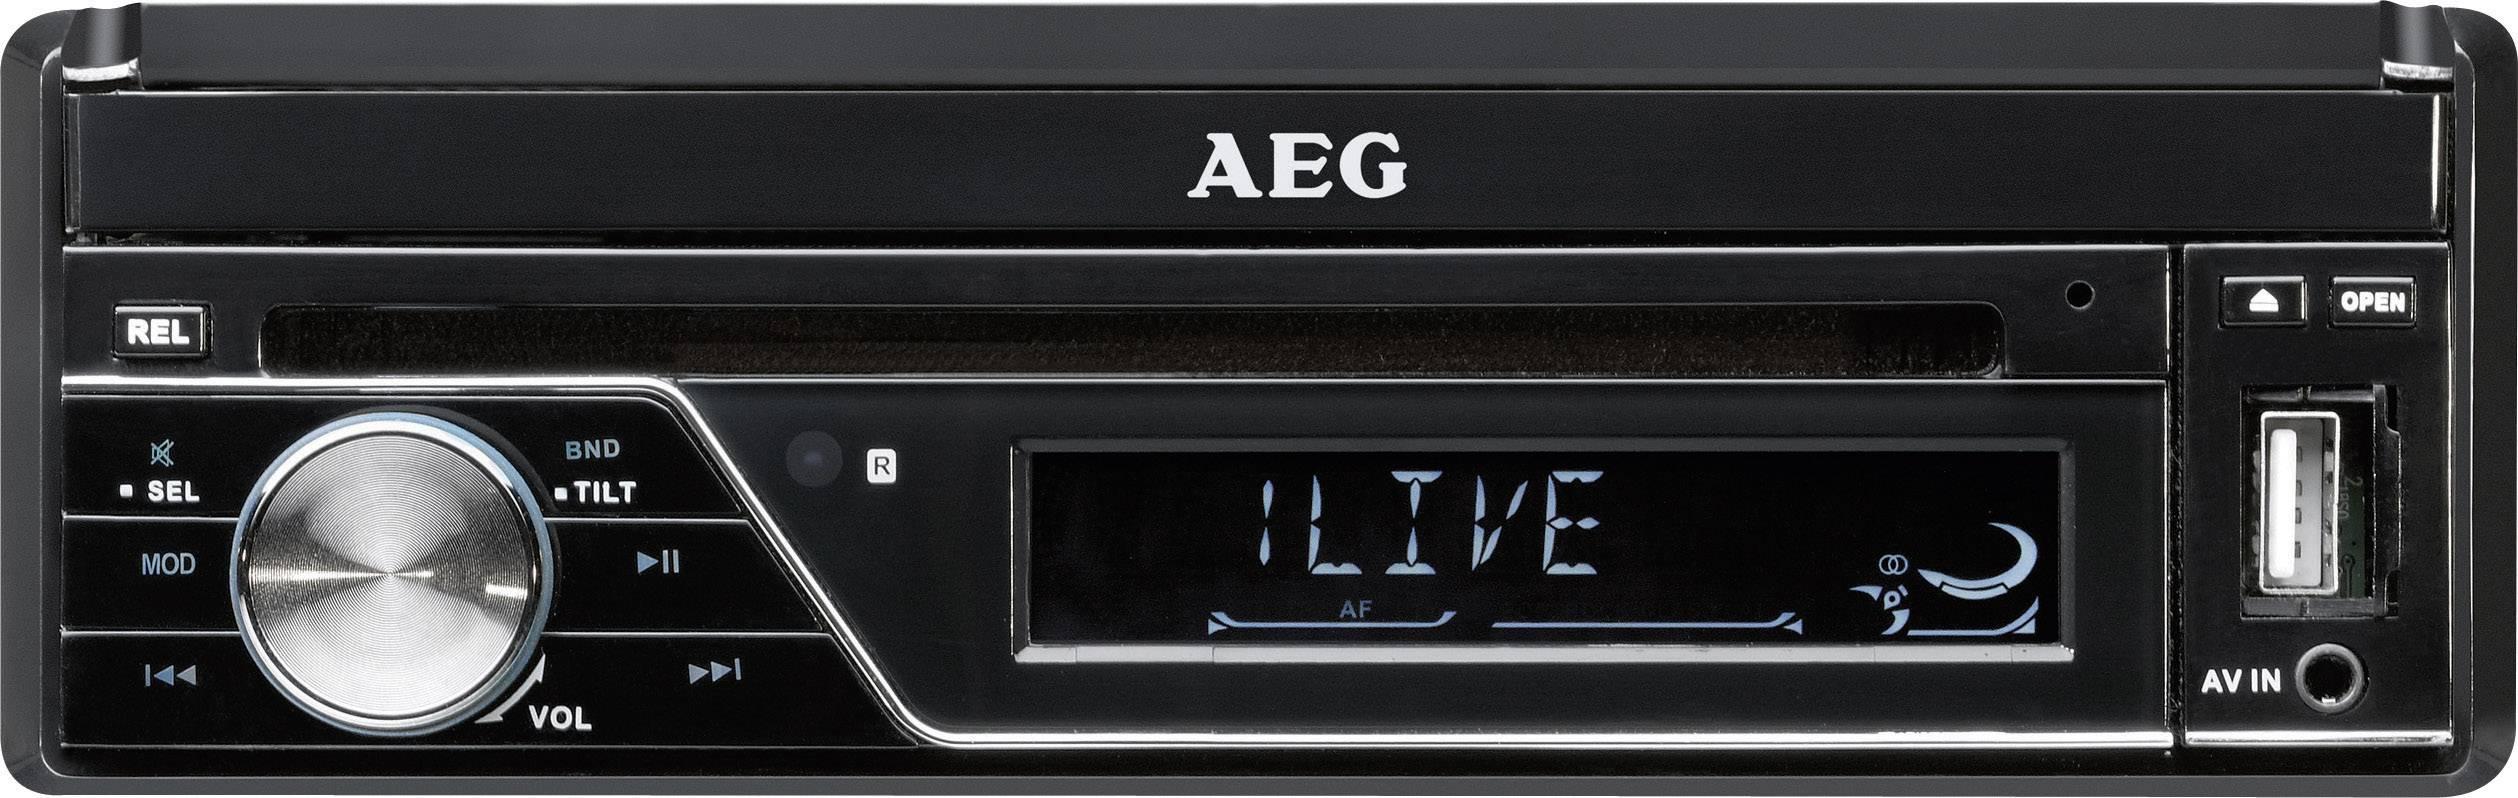 AEG AR-4026 DVD- Moniceiver